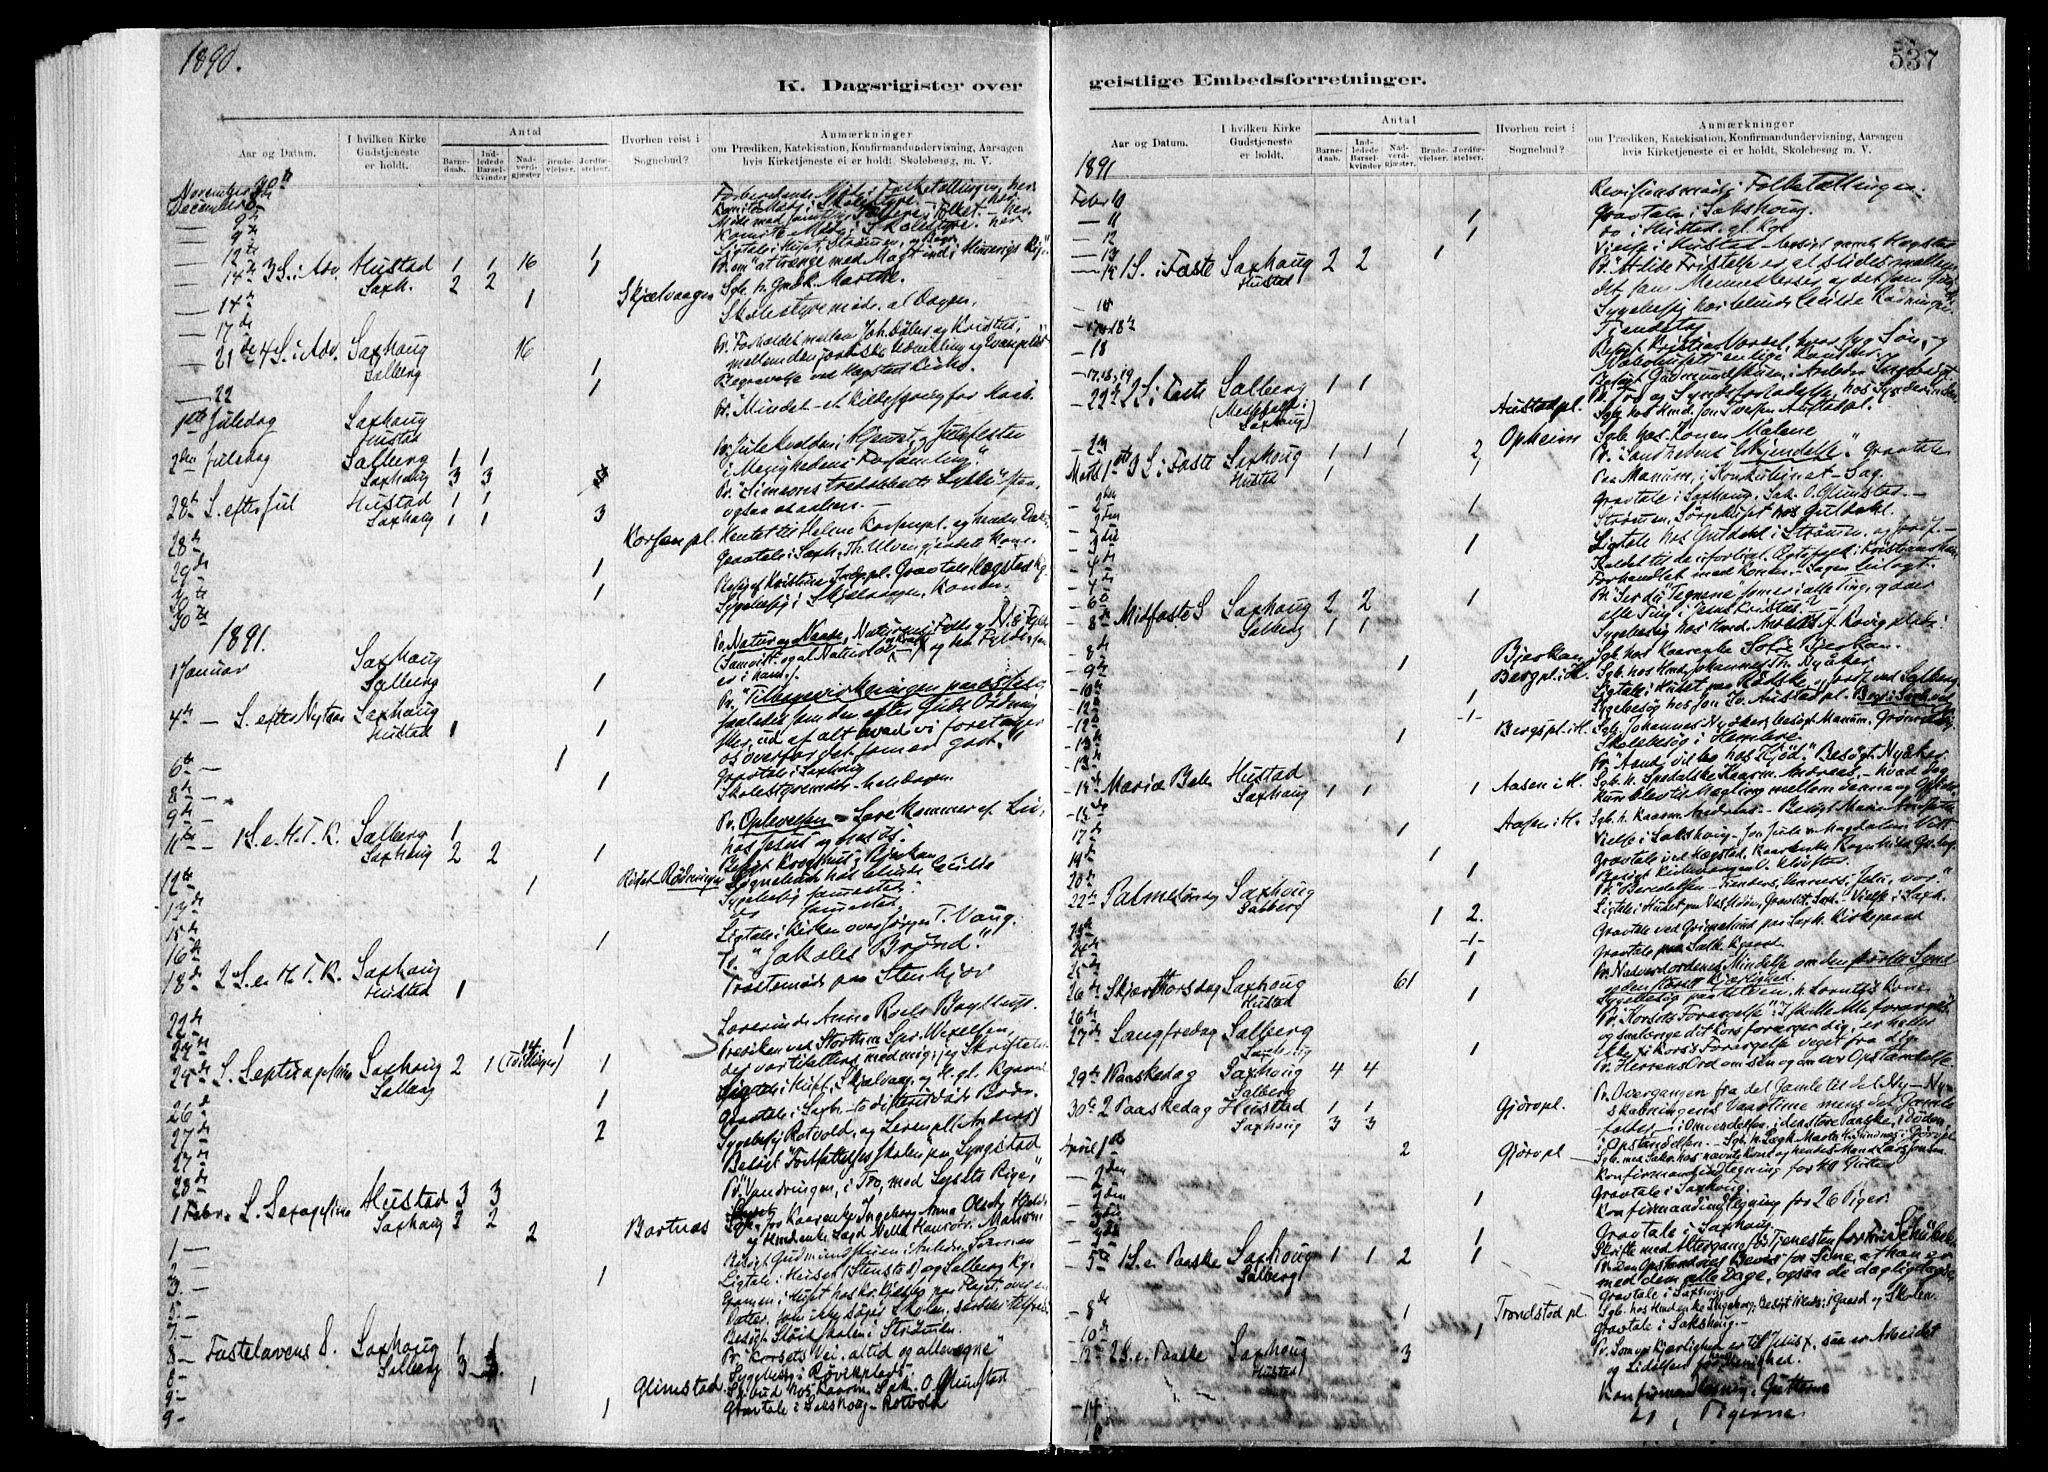 SAT, Ministerialprotokoller, klokkerbøker og fødselsregistre - Nord-Trøndelag, 730/L0285: Ministerialbok nr. 730A10, 1879-1914, s. 537